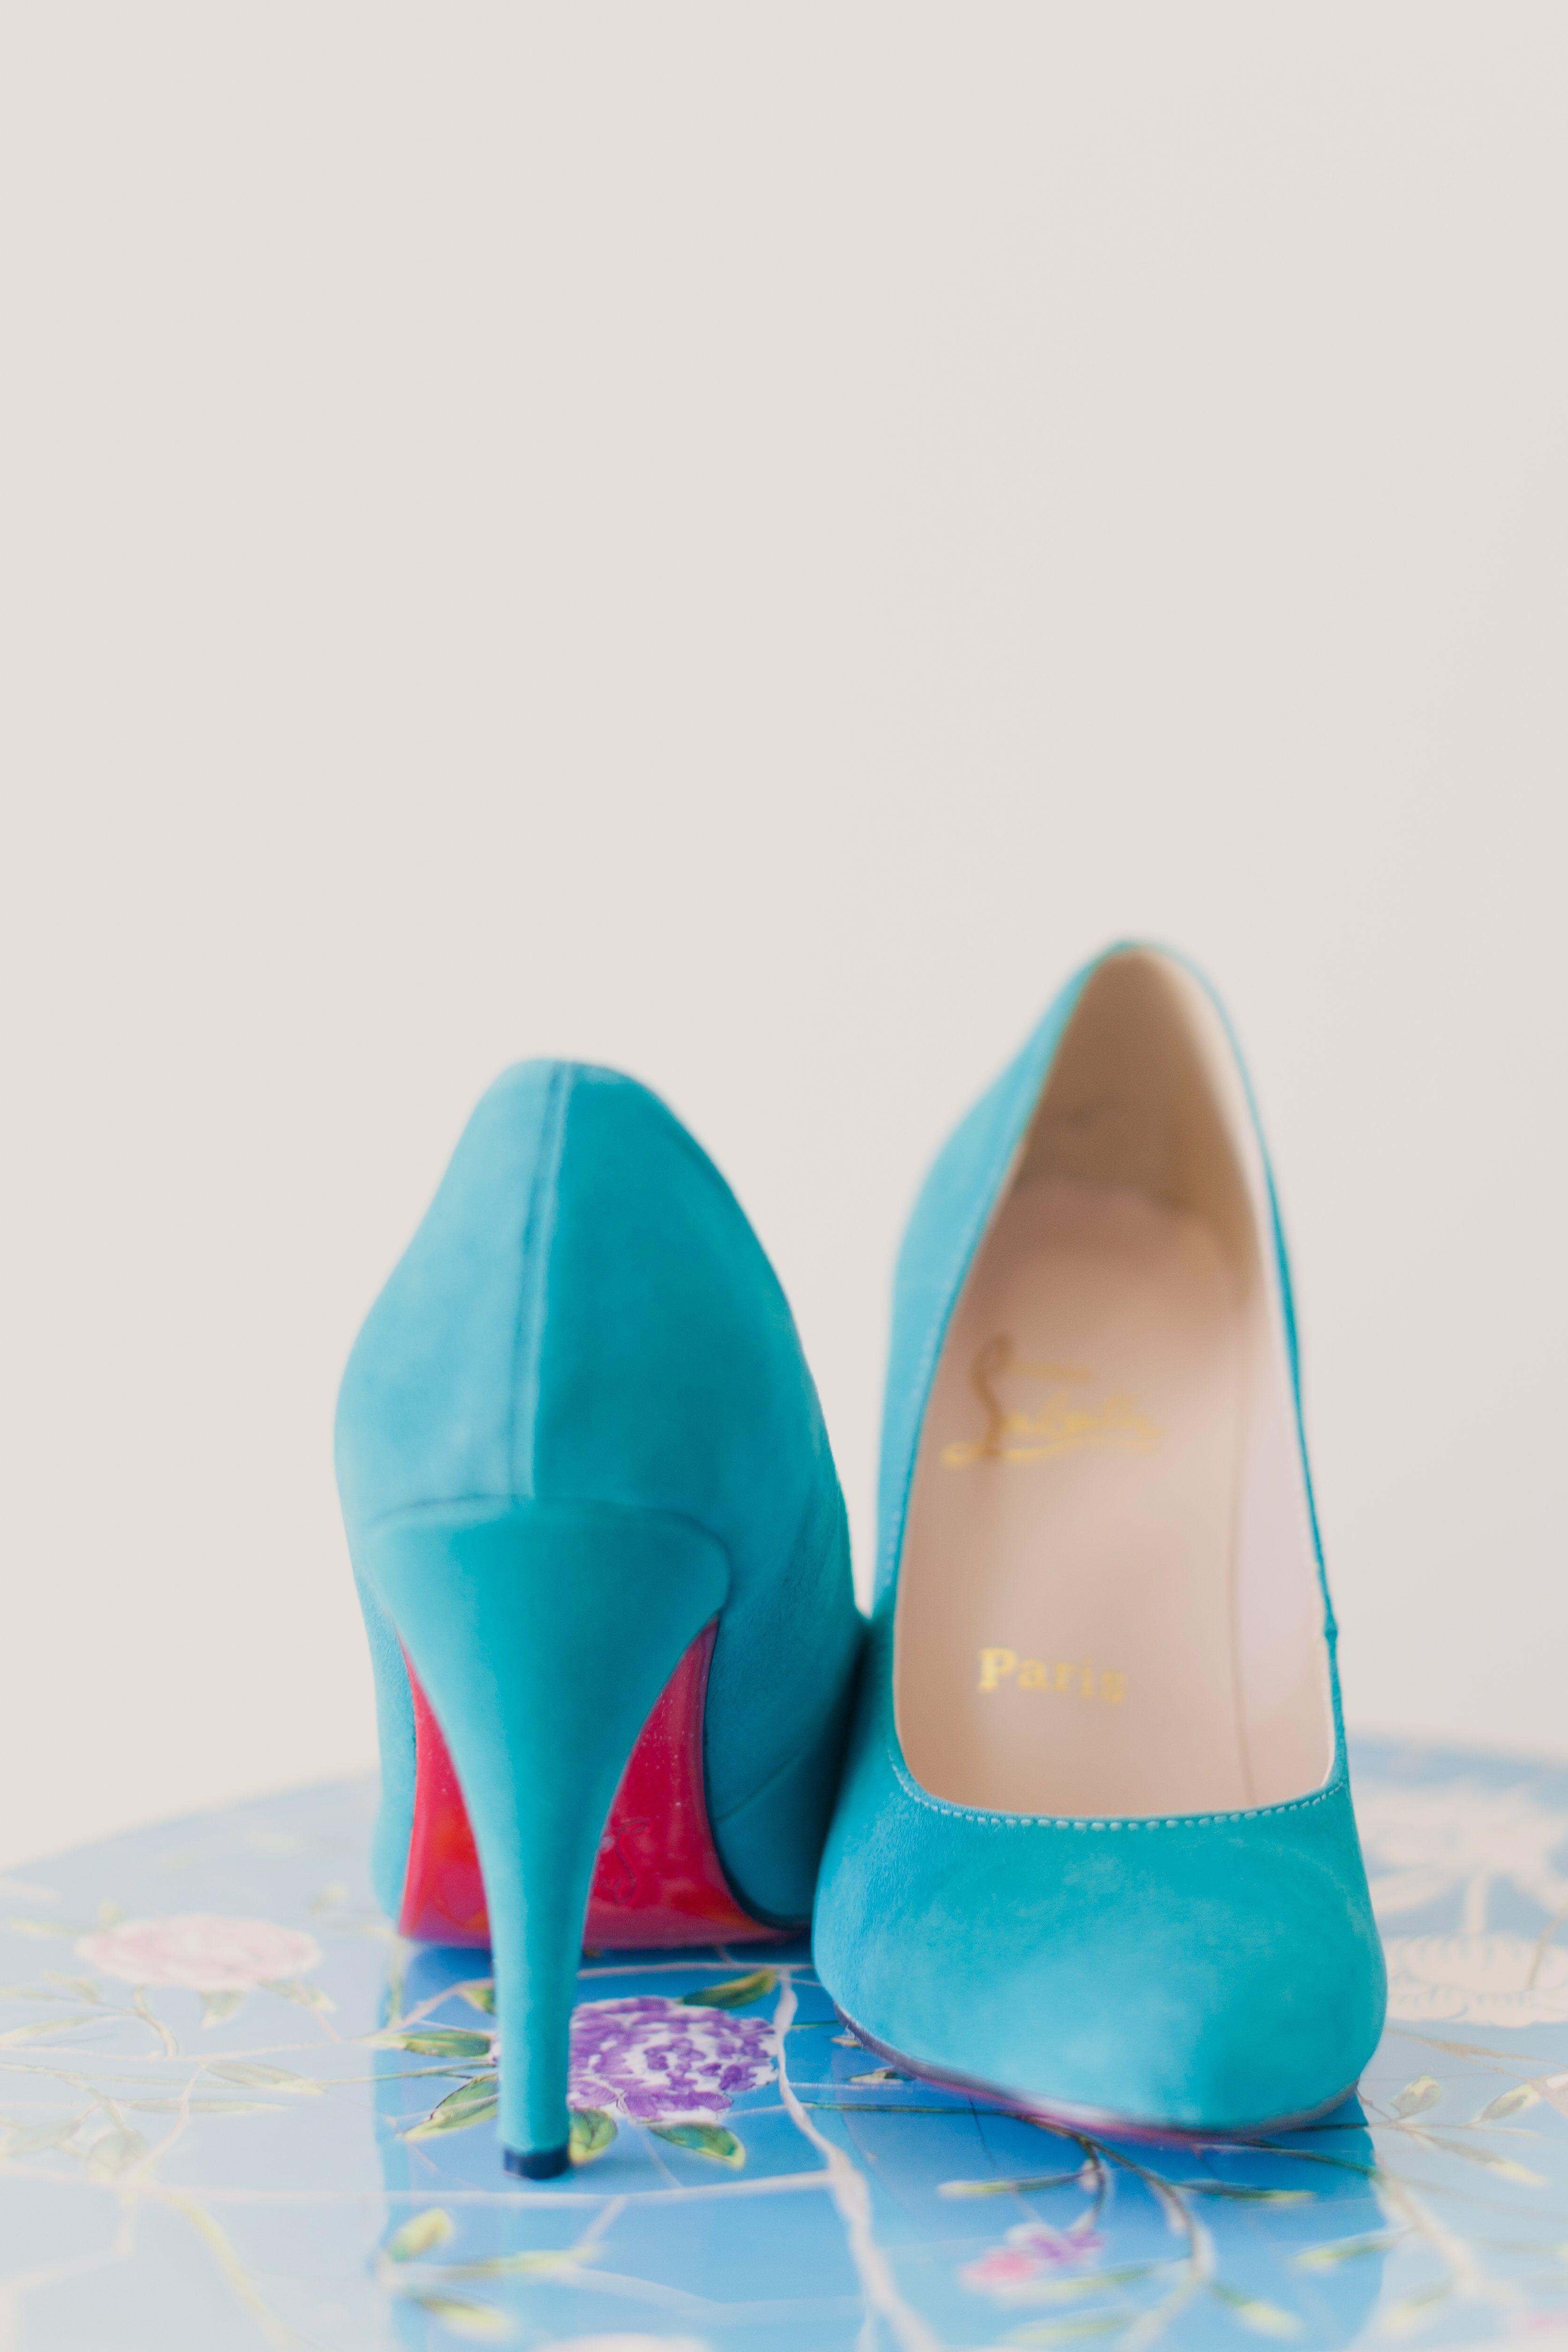 high heels sandals light blue - photo #38